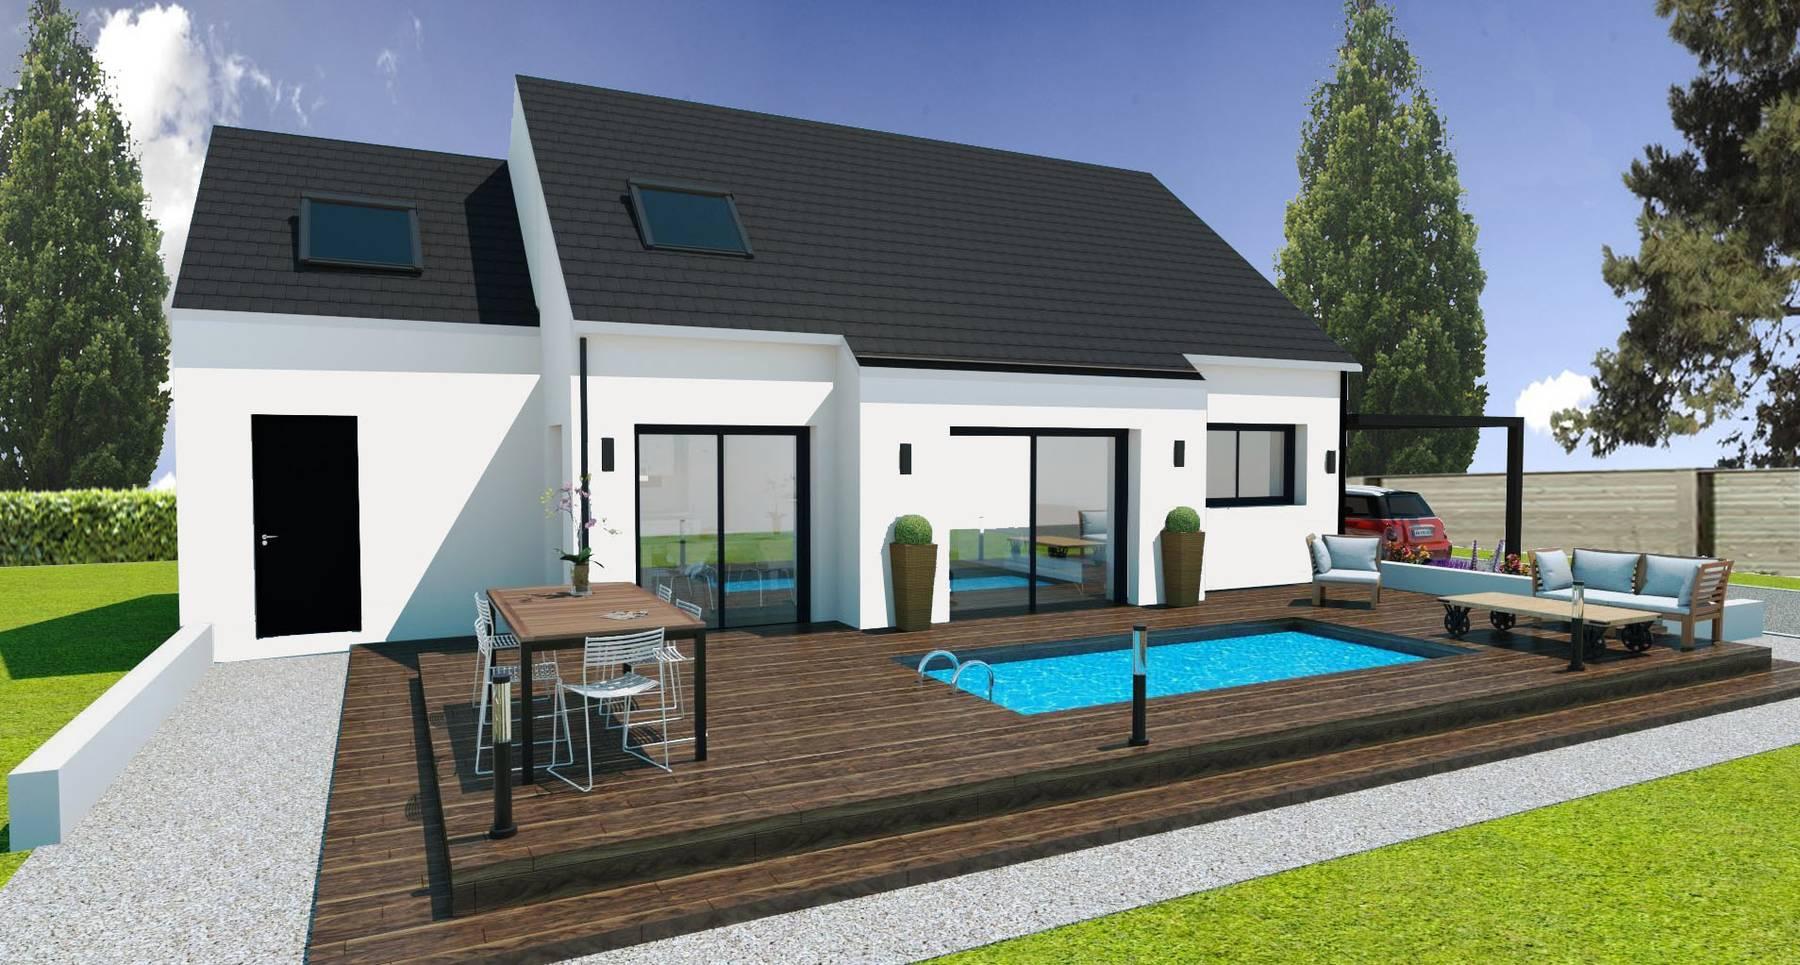 Investir dans une maison neuve maisons pep 39 s - Investir dans une maison ...